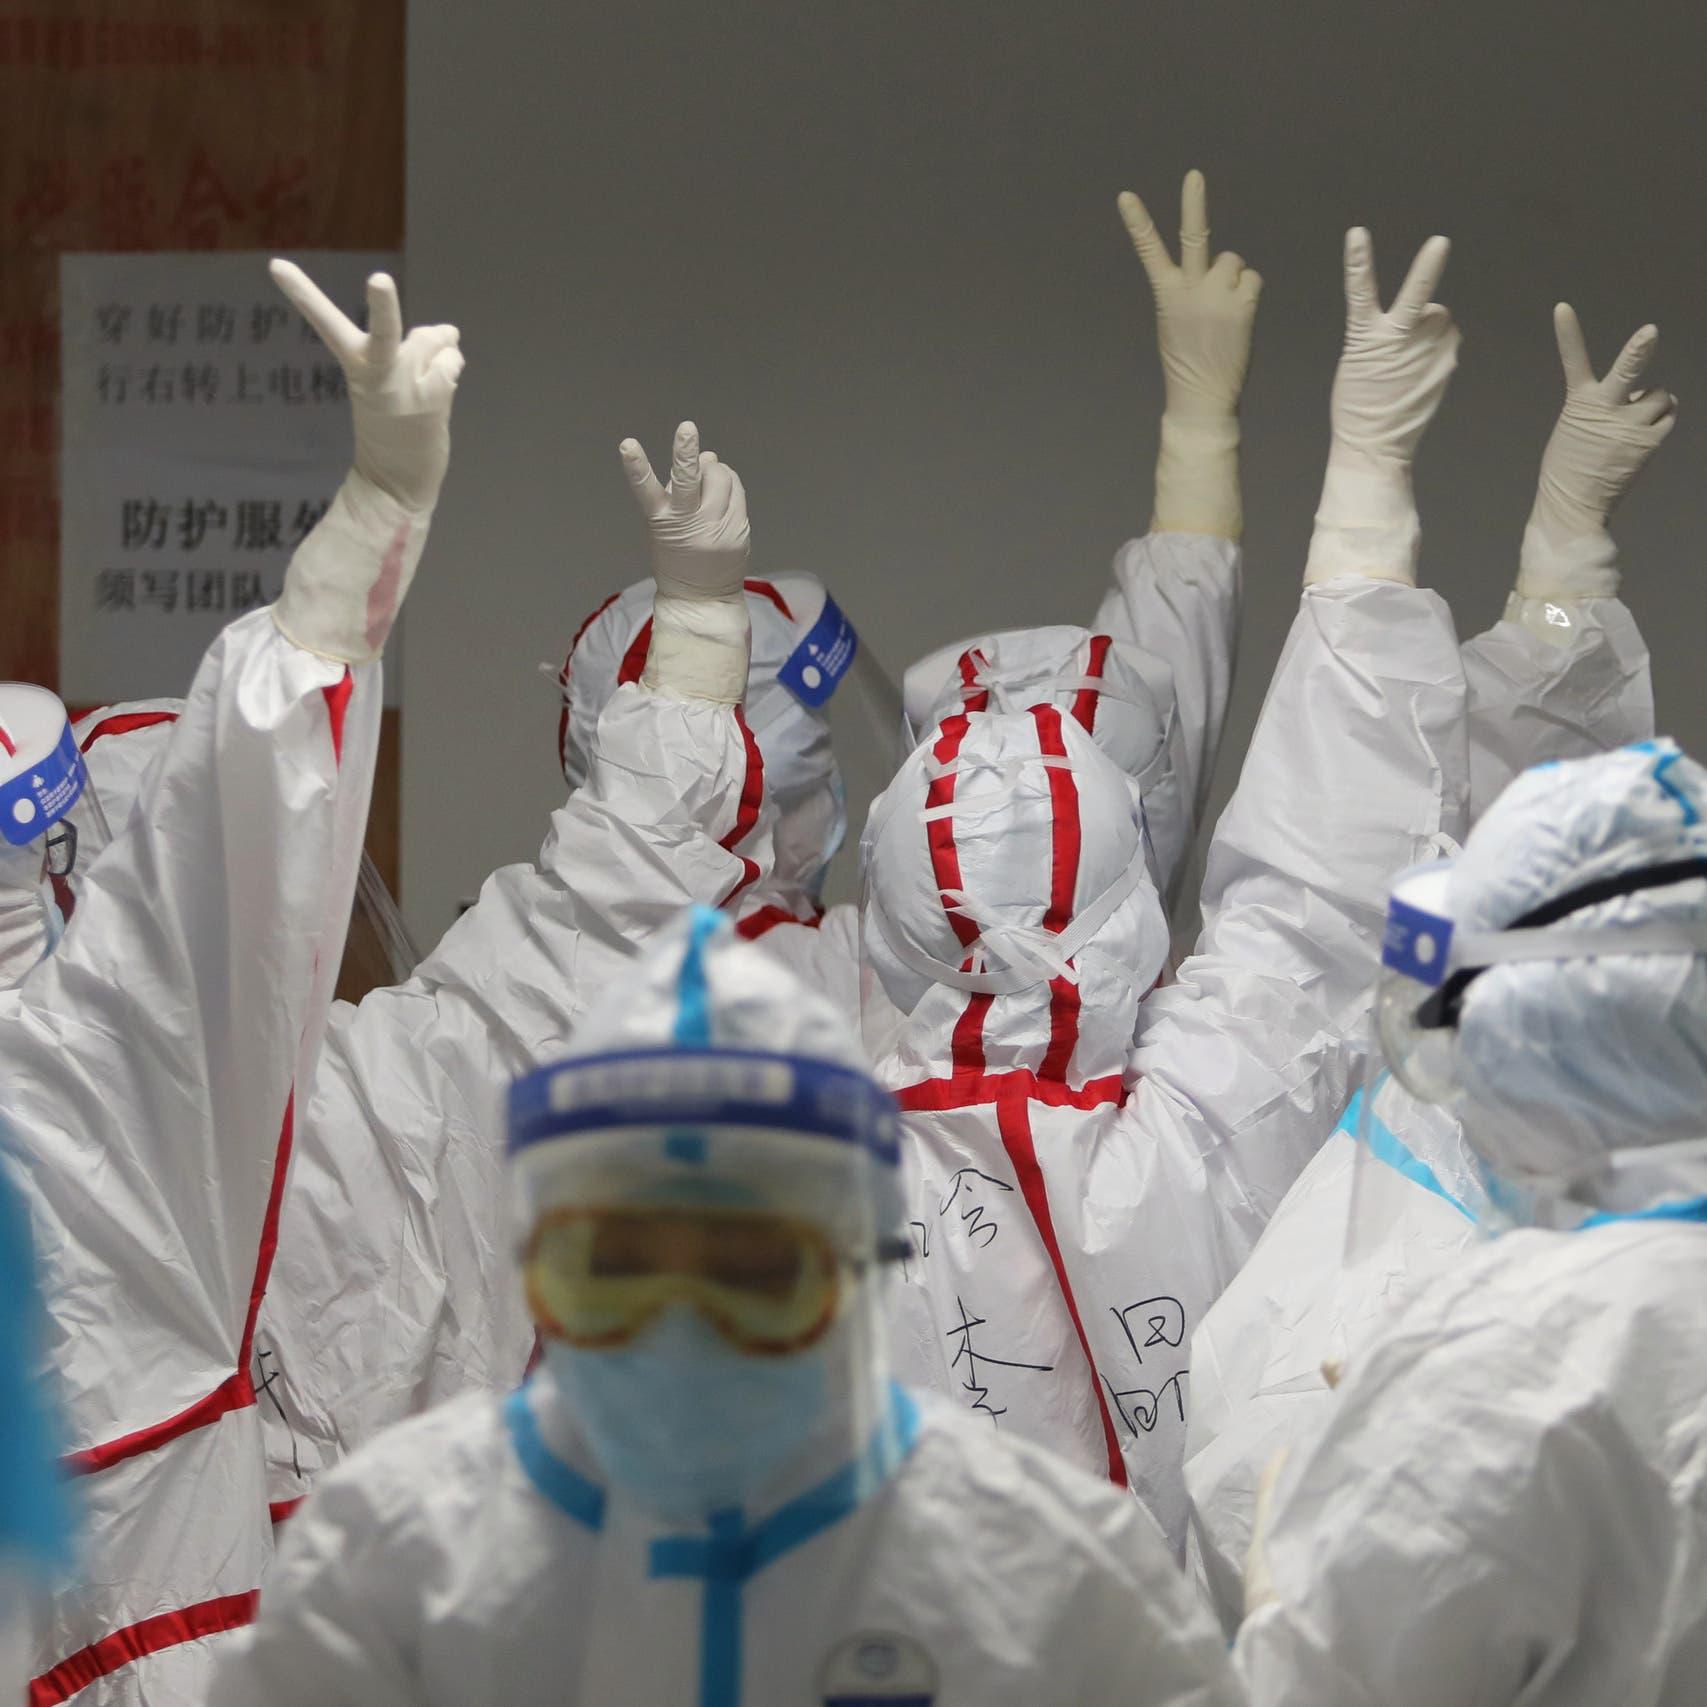 دبلوماسي صيني: لقاح كورونا في سبتمبر